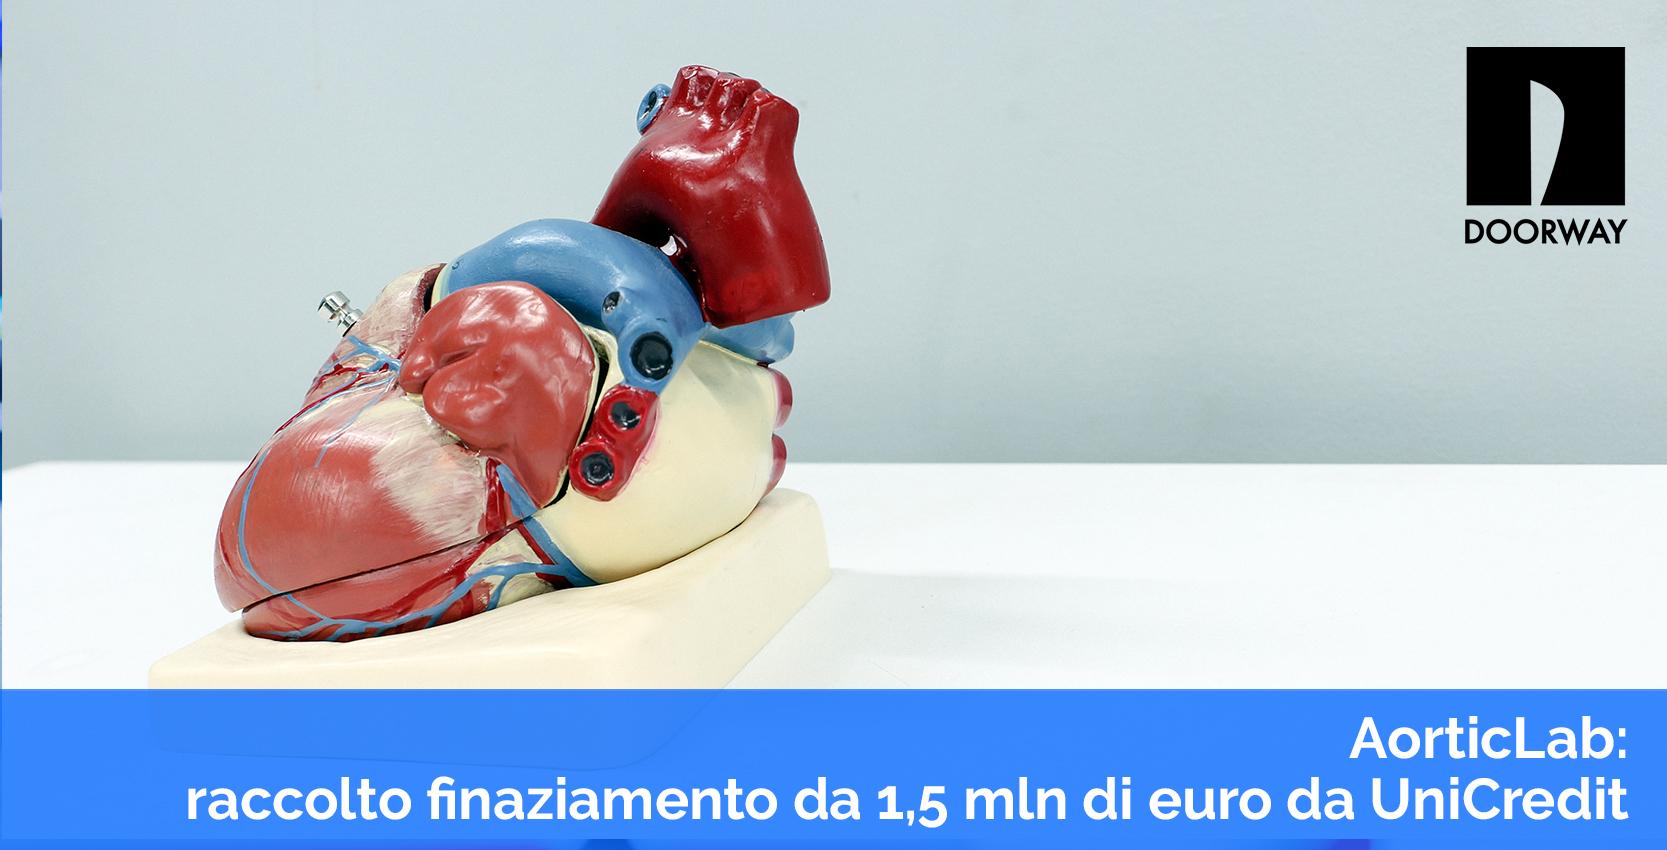 aorticlab: raccolto finanziamento da 1,5 mln di euro da Unicredit